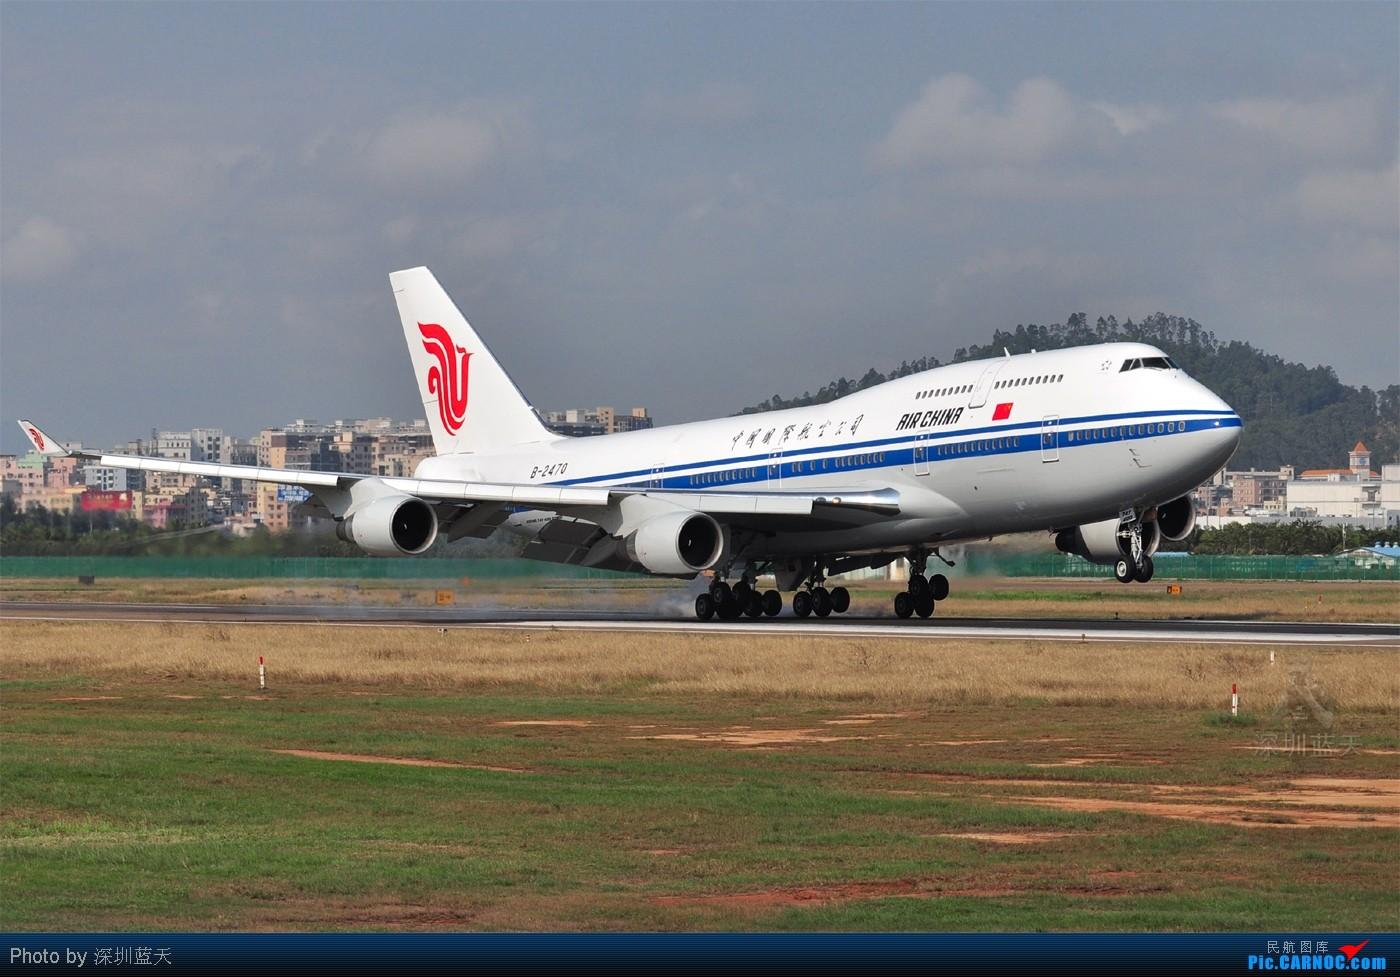 Re:[原创]【深圳飞友会】国航篇!在深圳,两架国航747同时出现在一张图里机会算是罕见的!还有黄牡丹和蓝牡丹一起祝大家新年快乐! BOEING 747-400 B-2470 中国深圳宝安机场